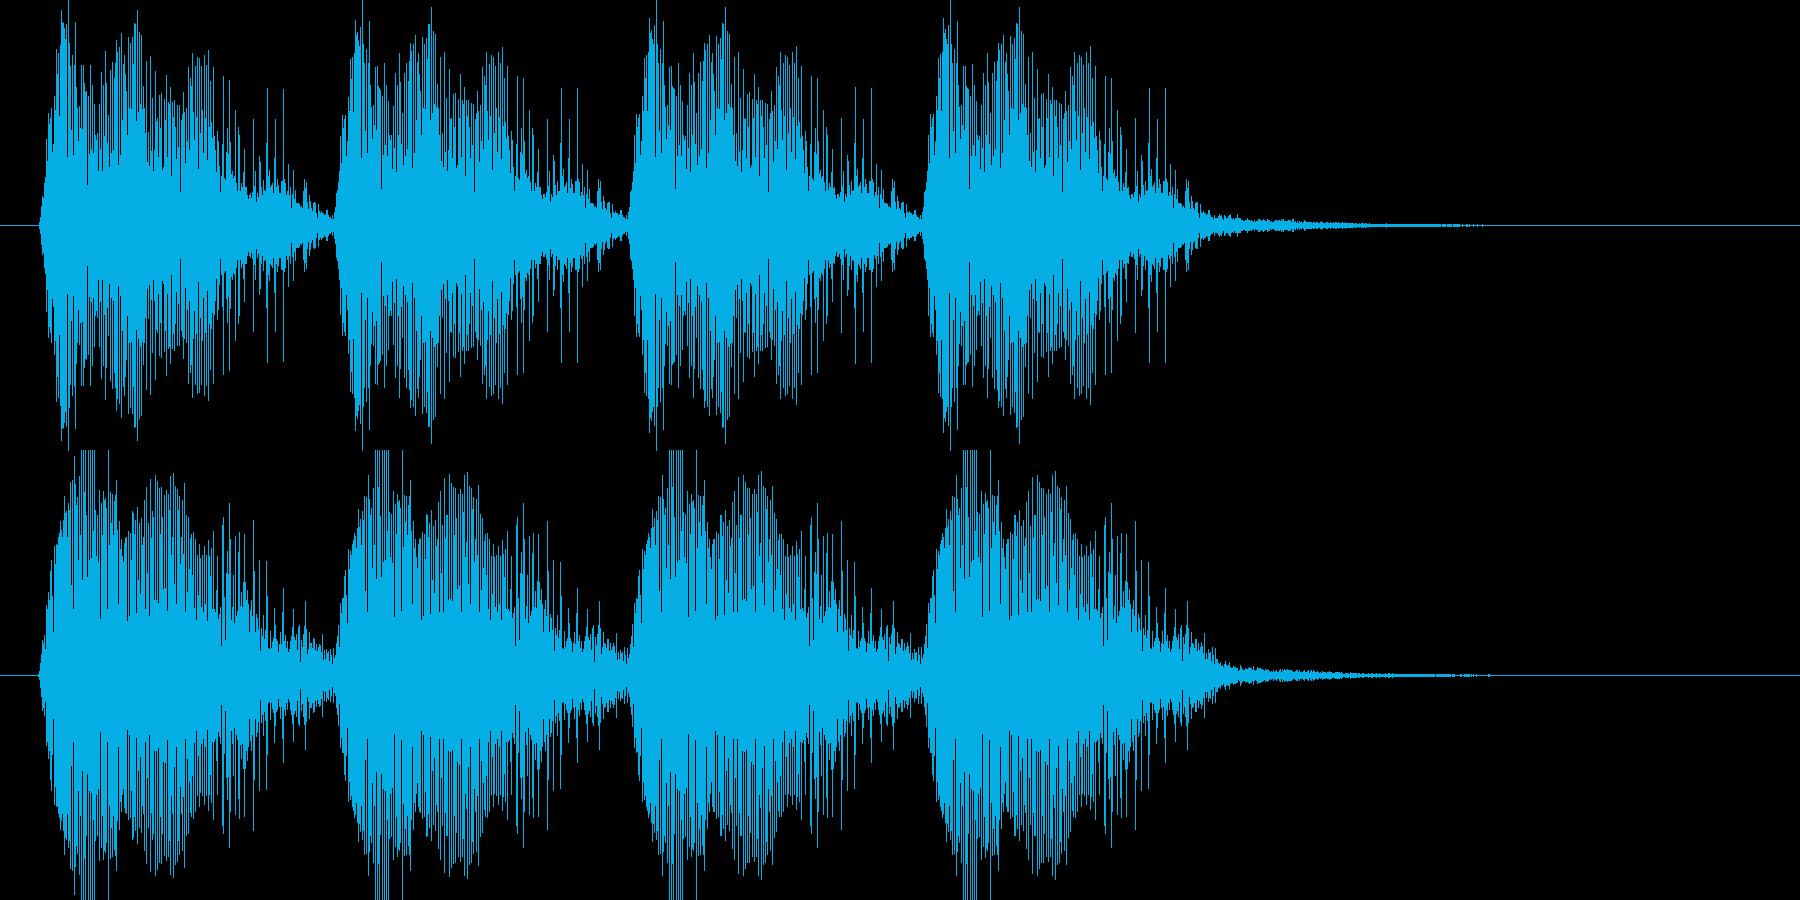 近未来的乗り物のサイレン音の再生済みの波形